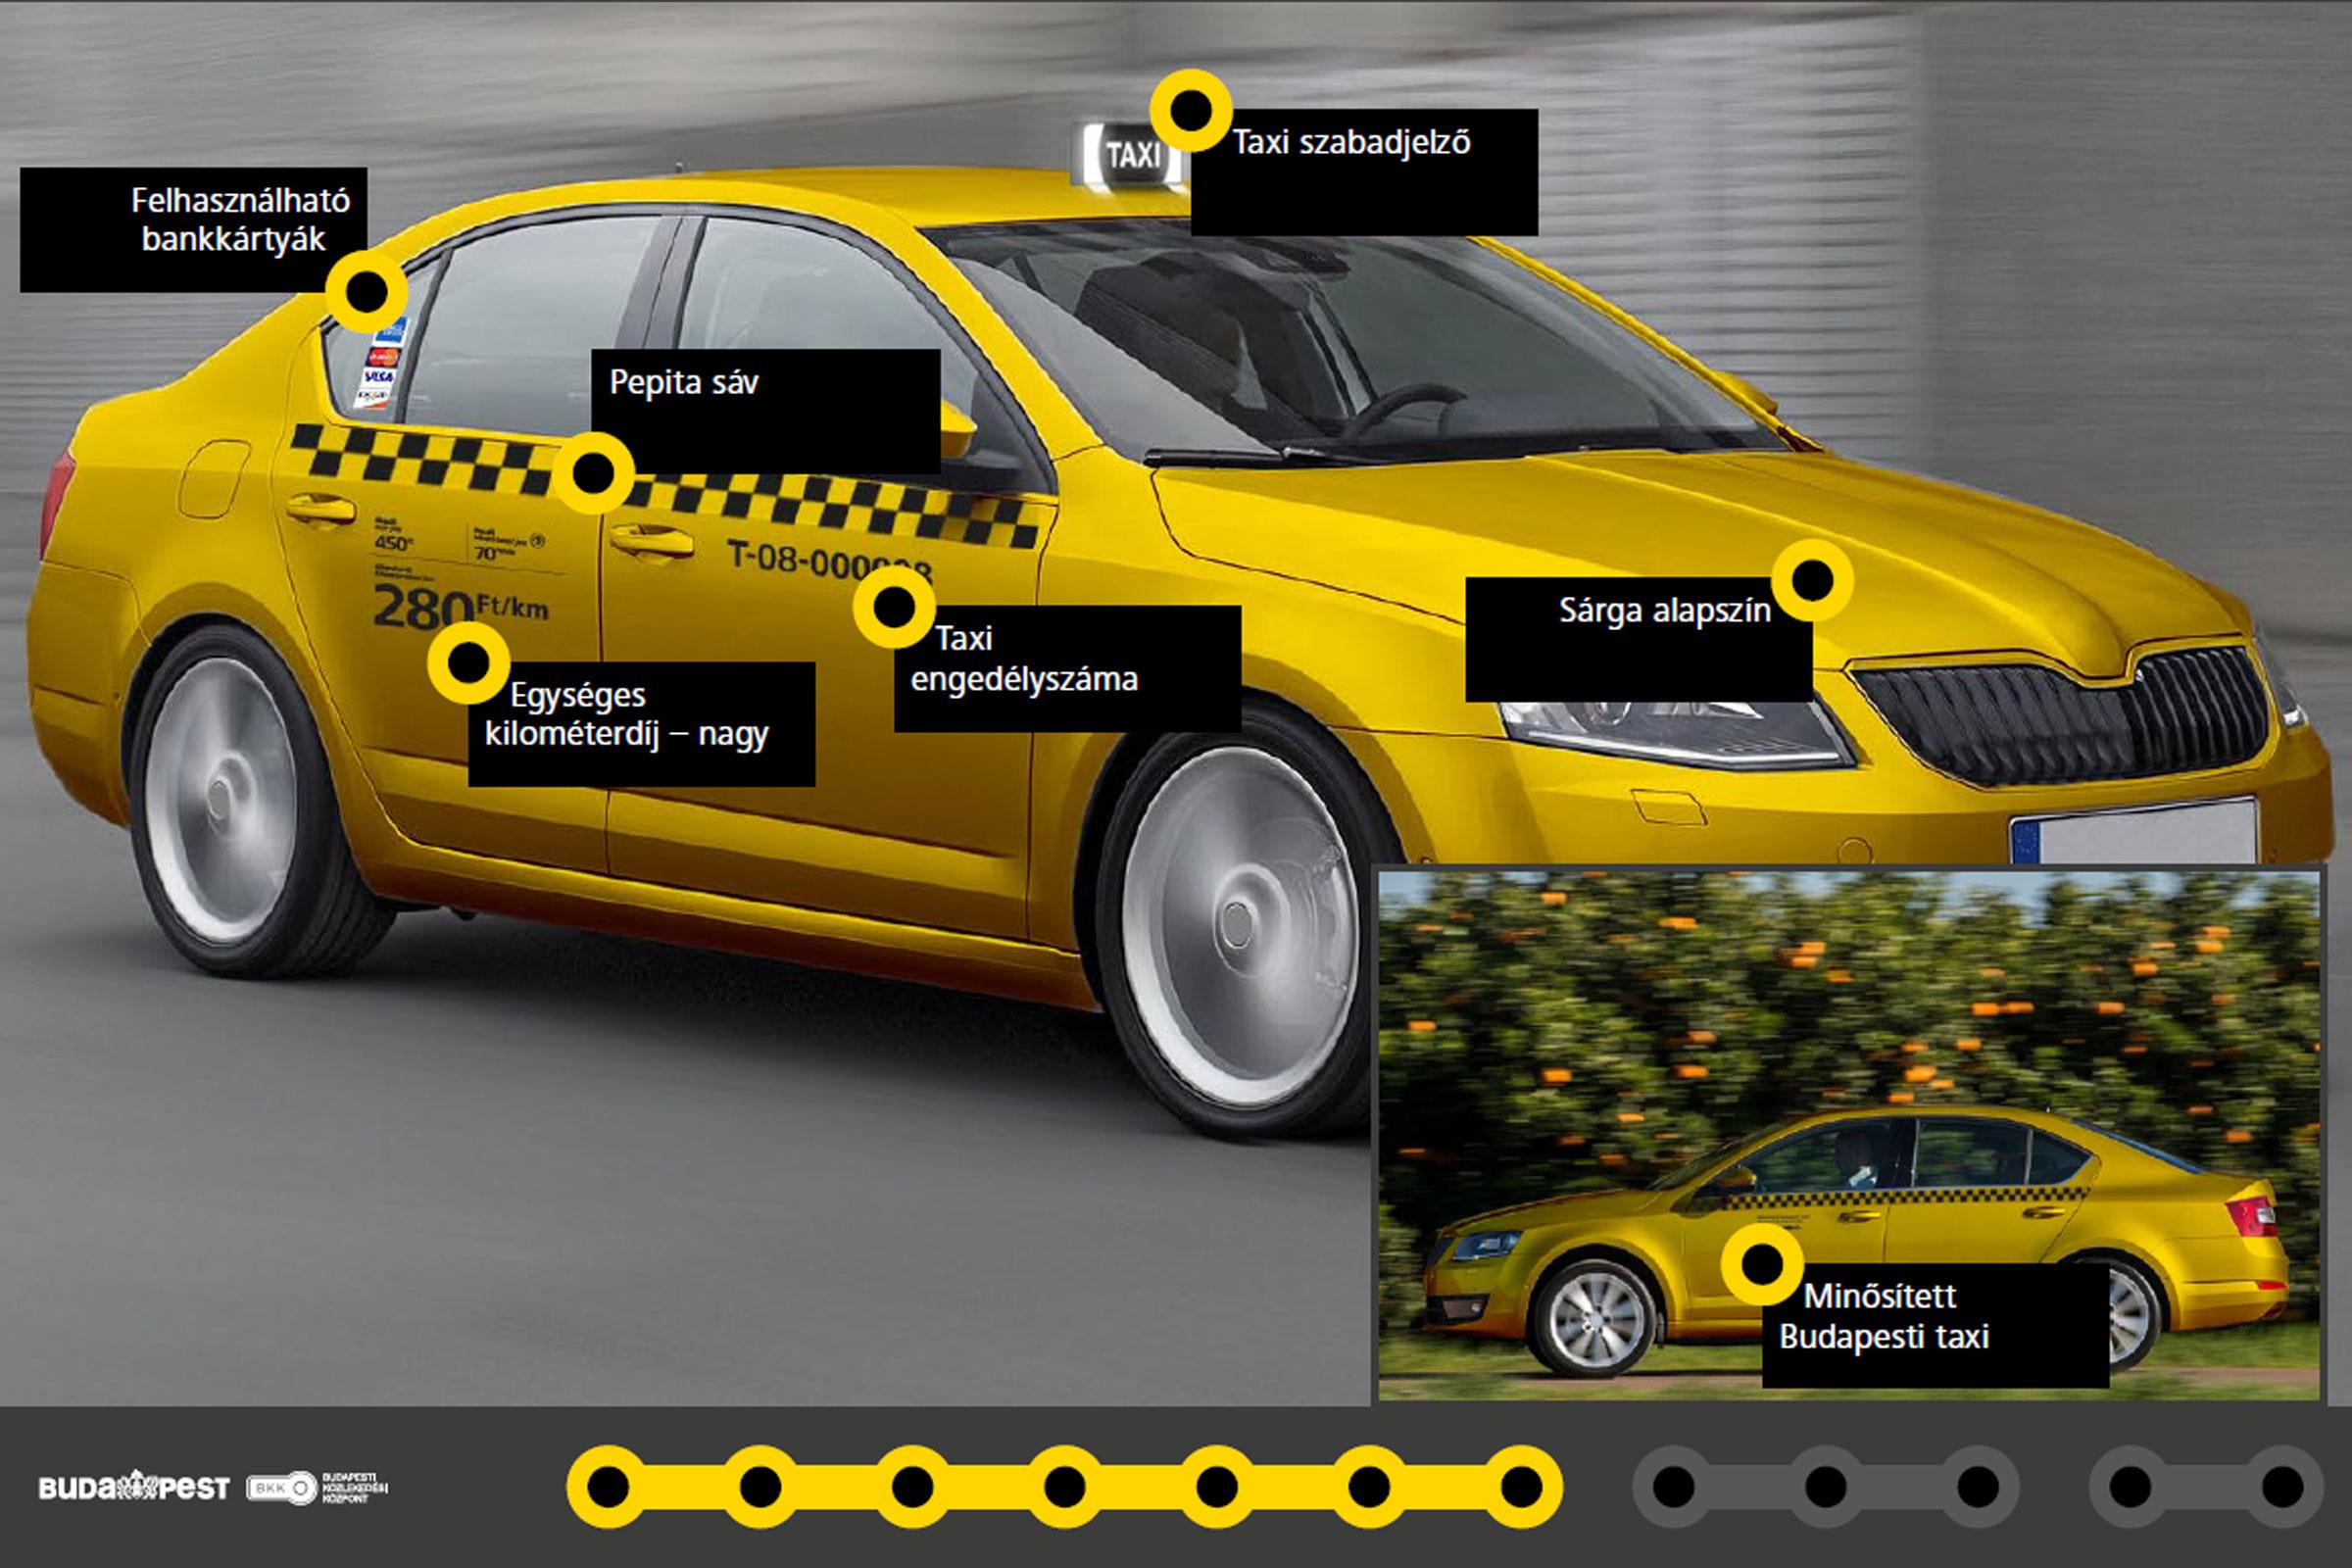 20140204sarga-taxi1.jpg